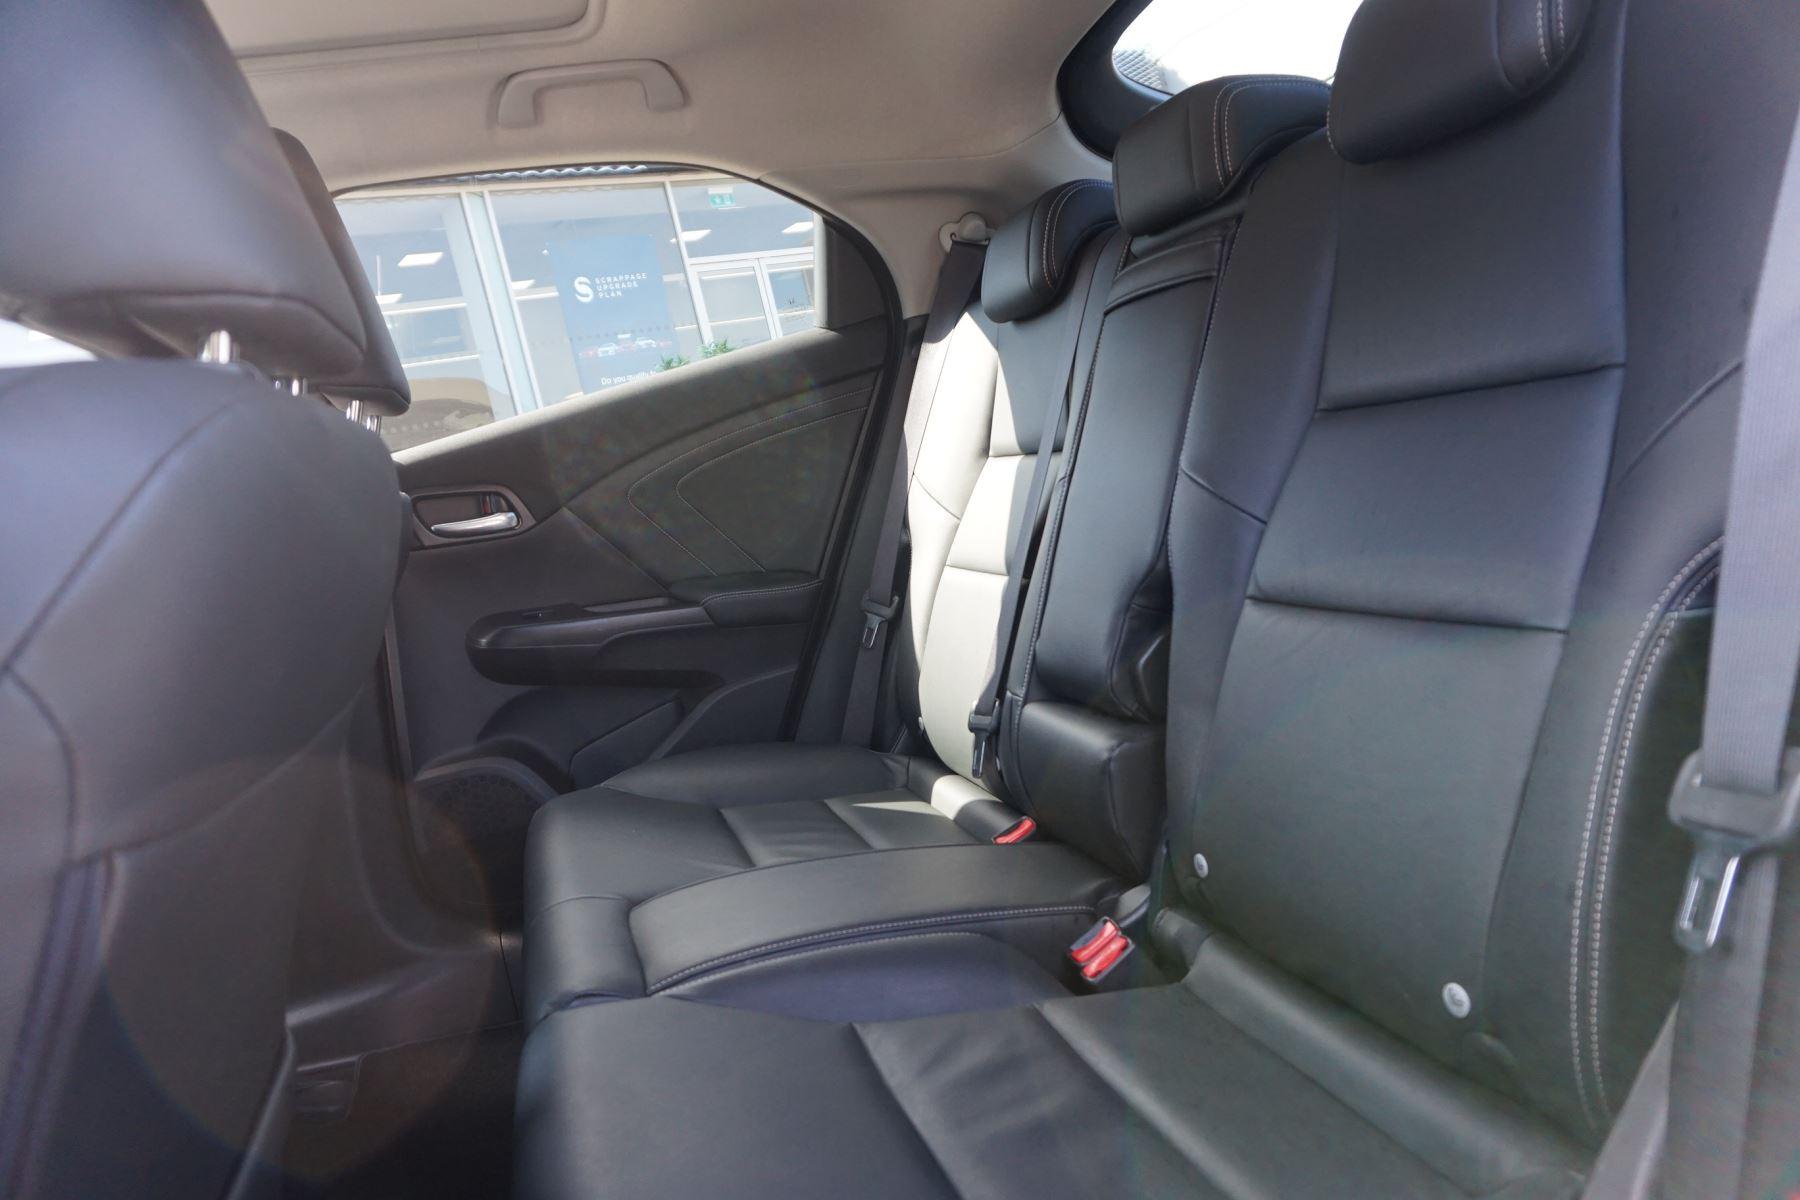 Honda Civic 1.6 i-DTEC SR 5dr image 8